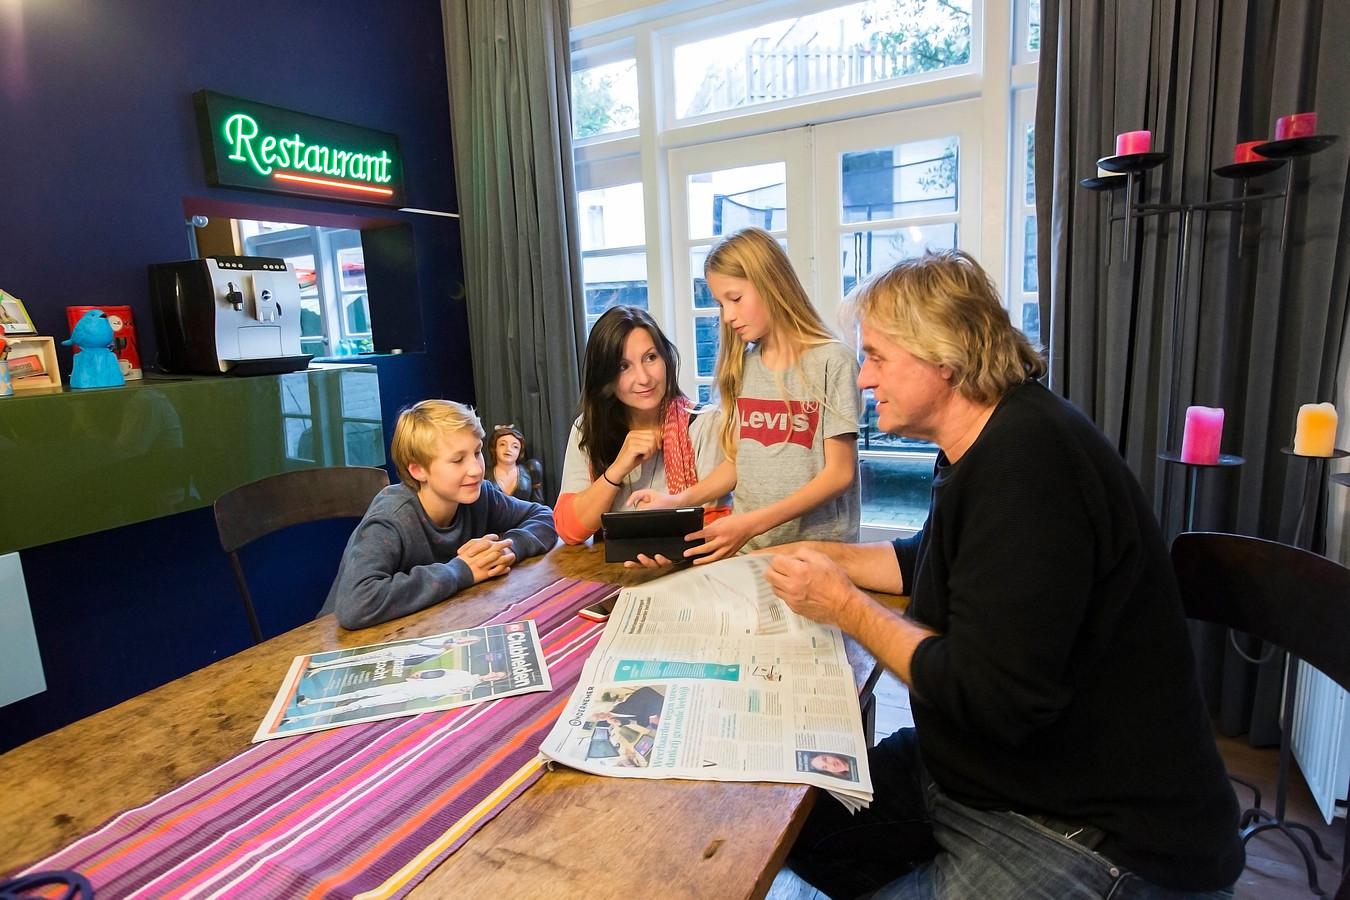 Familie van Dijk bespreekt wat ze gaan doen met de vrije dag